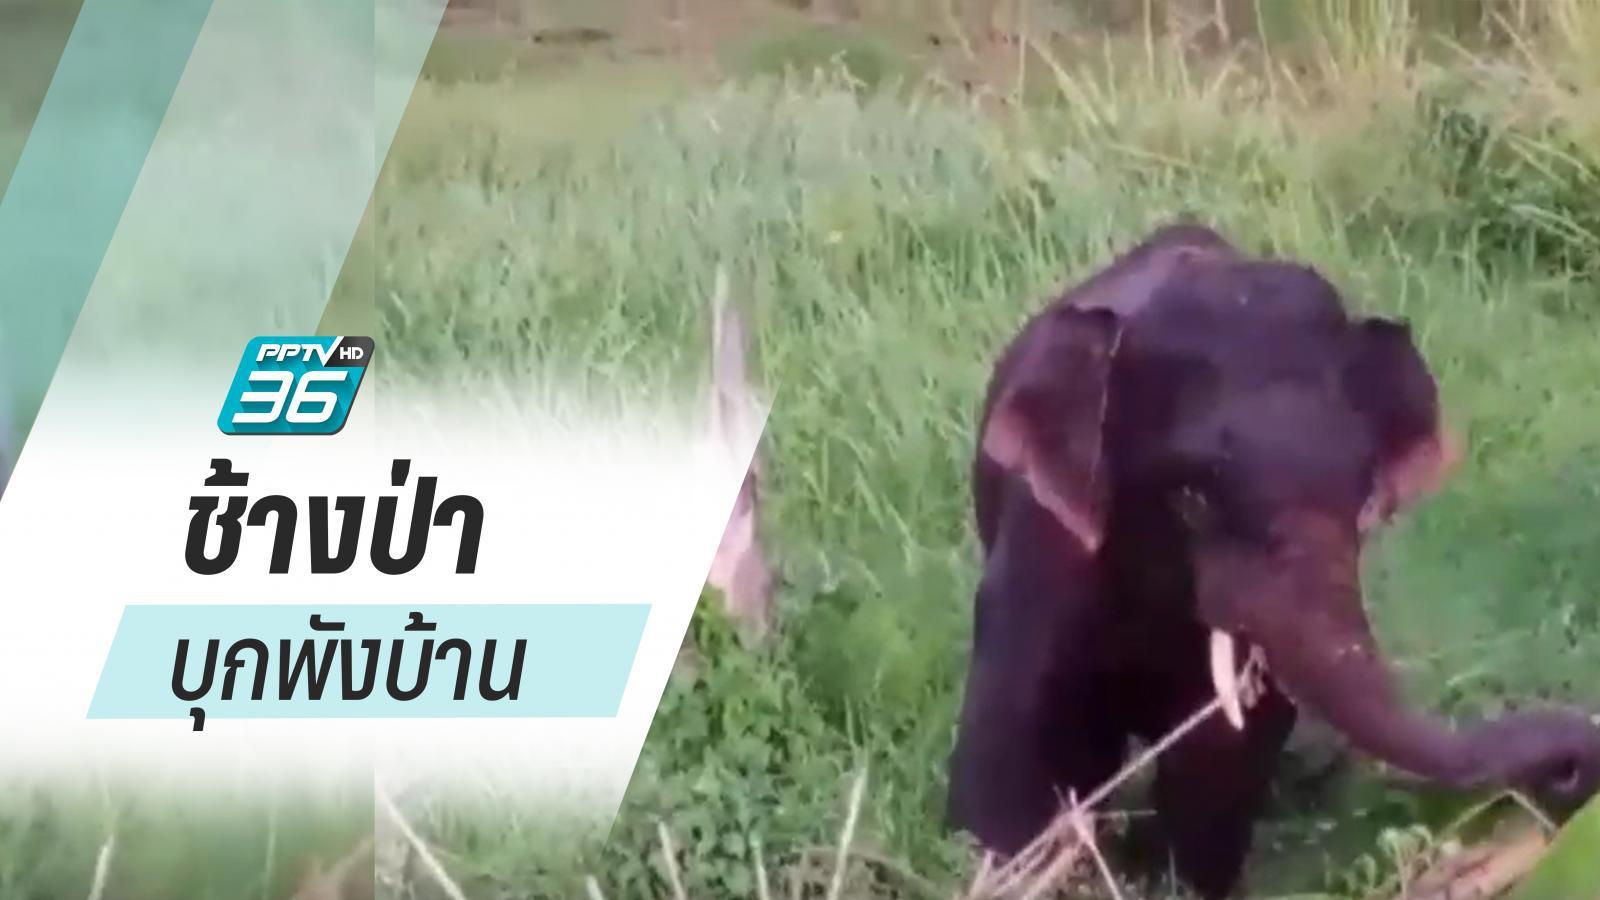 ภัยแล้ง! ป่าไม่มีน้ำ ช้างบุกทำลายไร่-พังบ้าน ทำร้ายสัตว์เลี้ยง